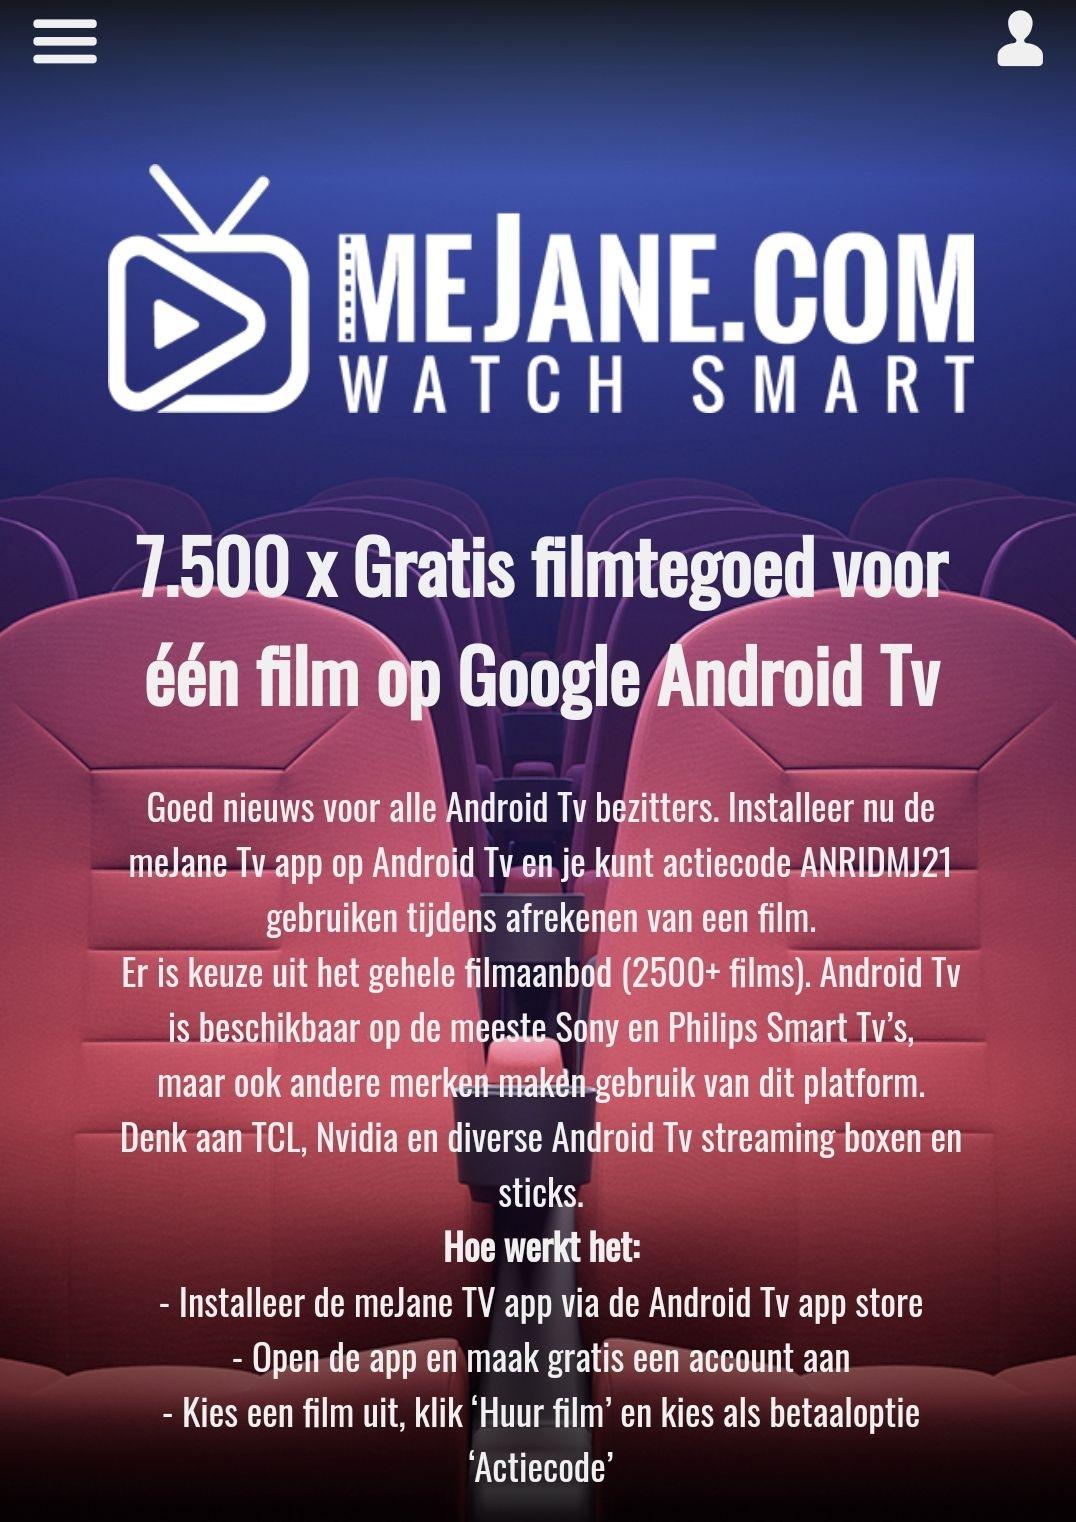 7.500 x Gratis filmtegoed voor één film op Google Android Tv